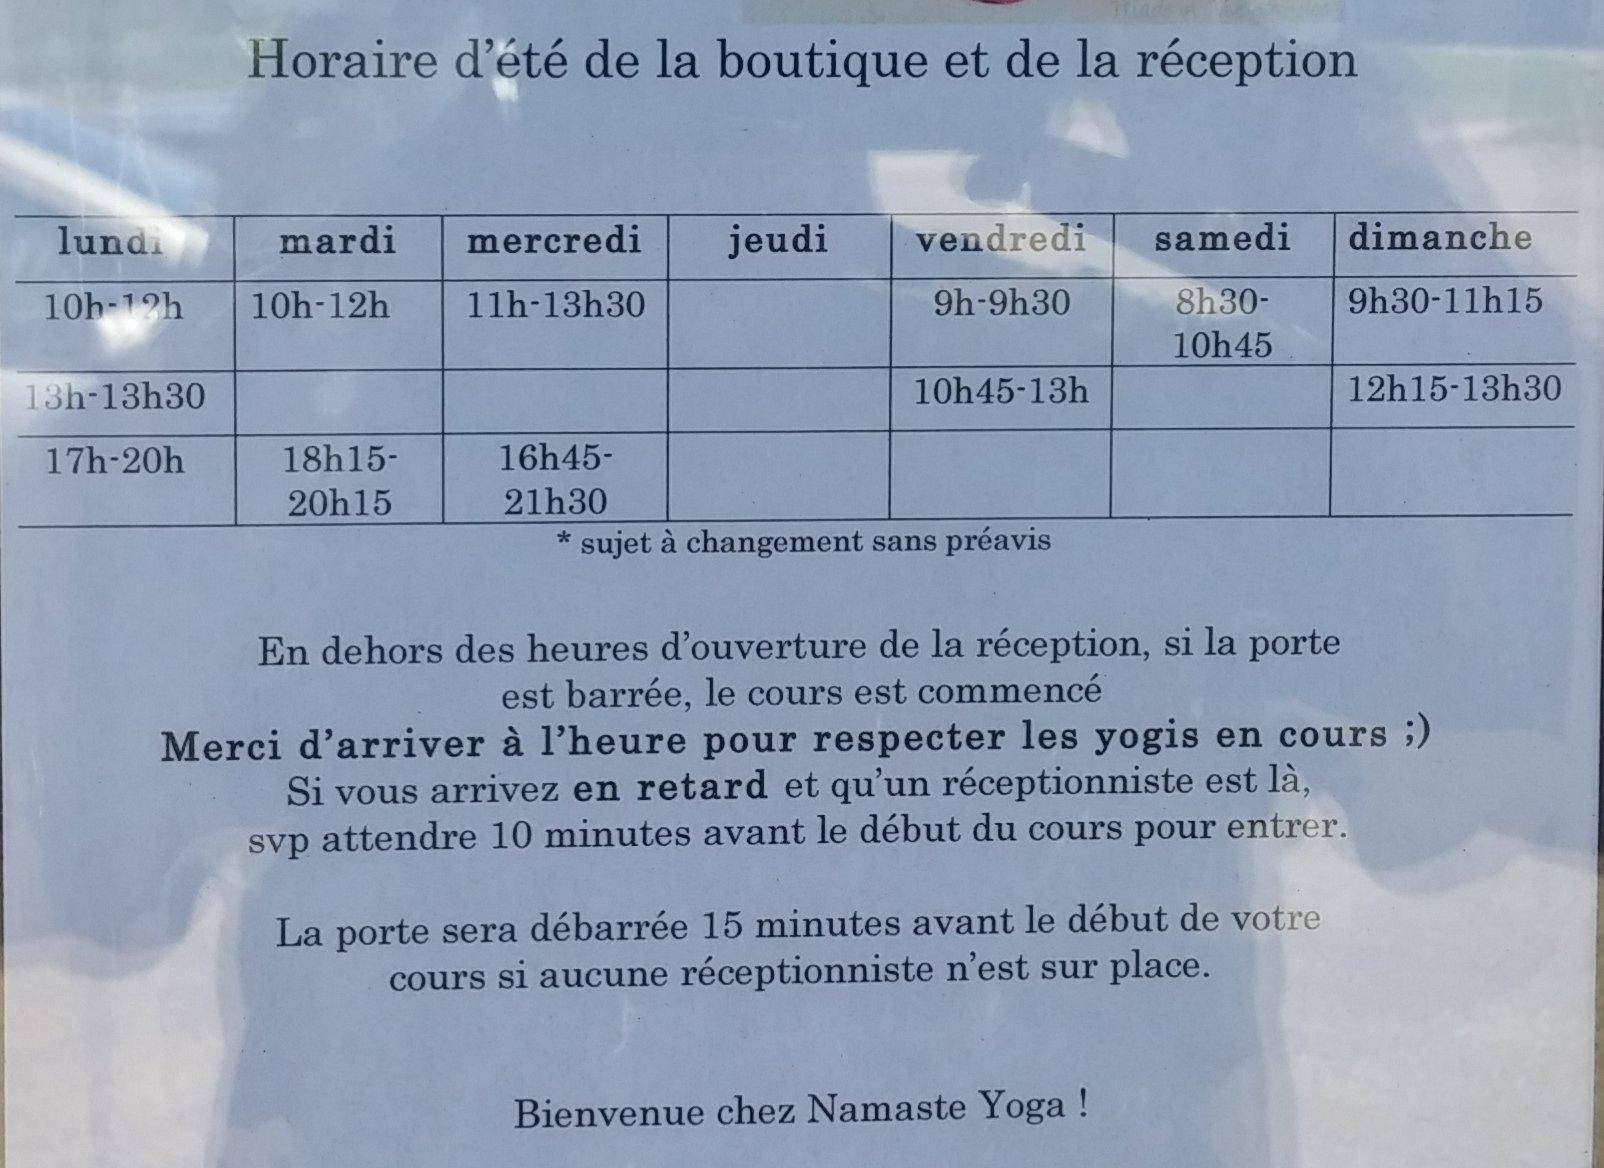 Exposition Lévis été 2016 - horaire